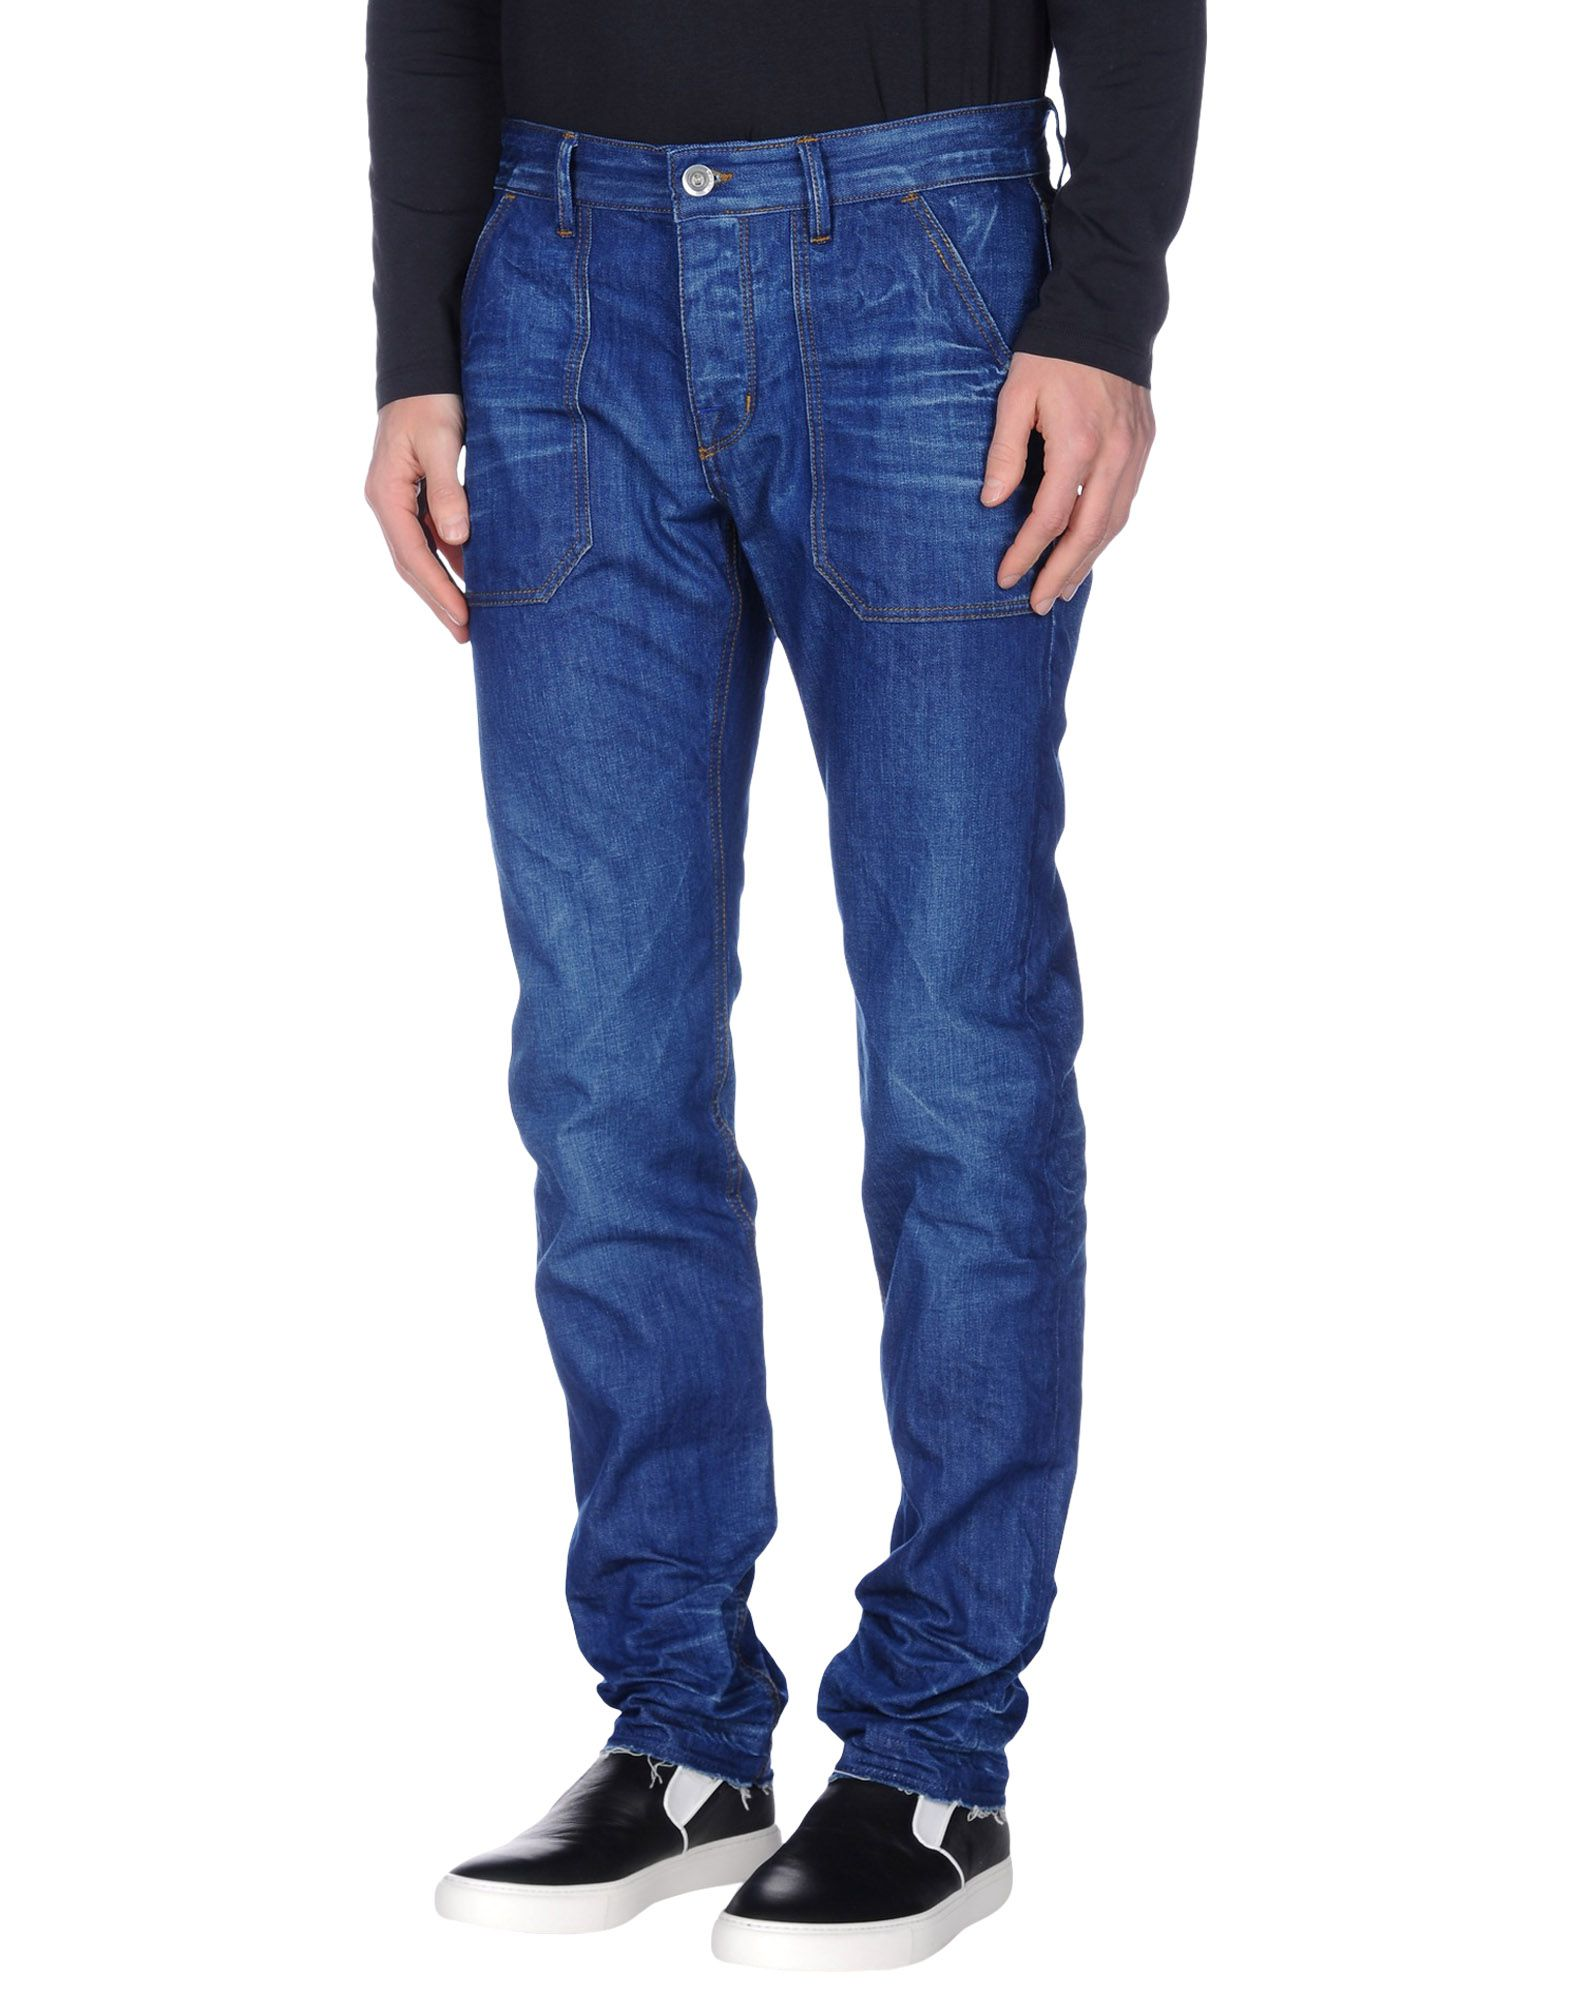 《送料無料》HAIKURE メンズ ジーンズ ブルー 30W-32L オーガニックコットン 100%